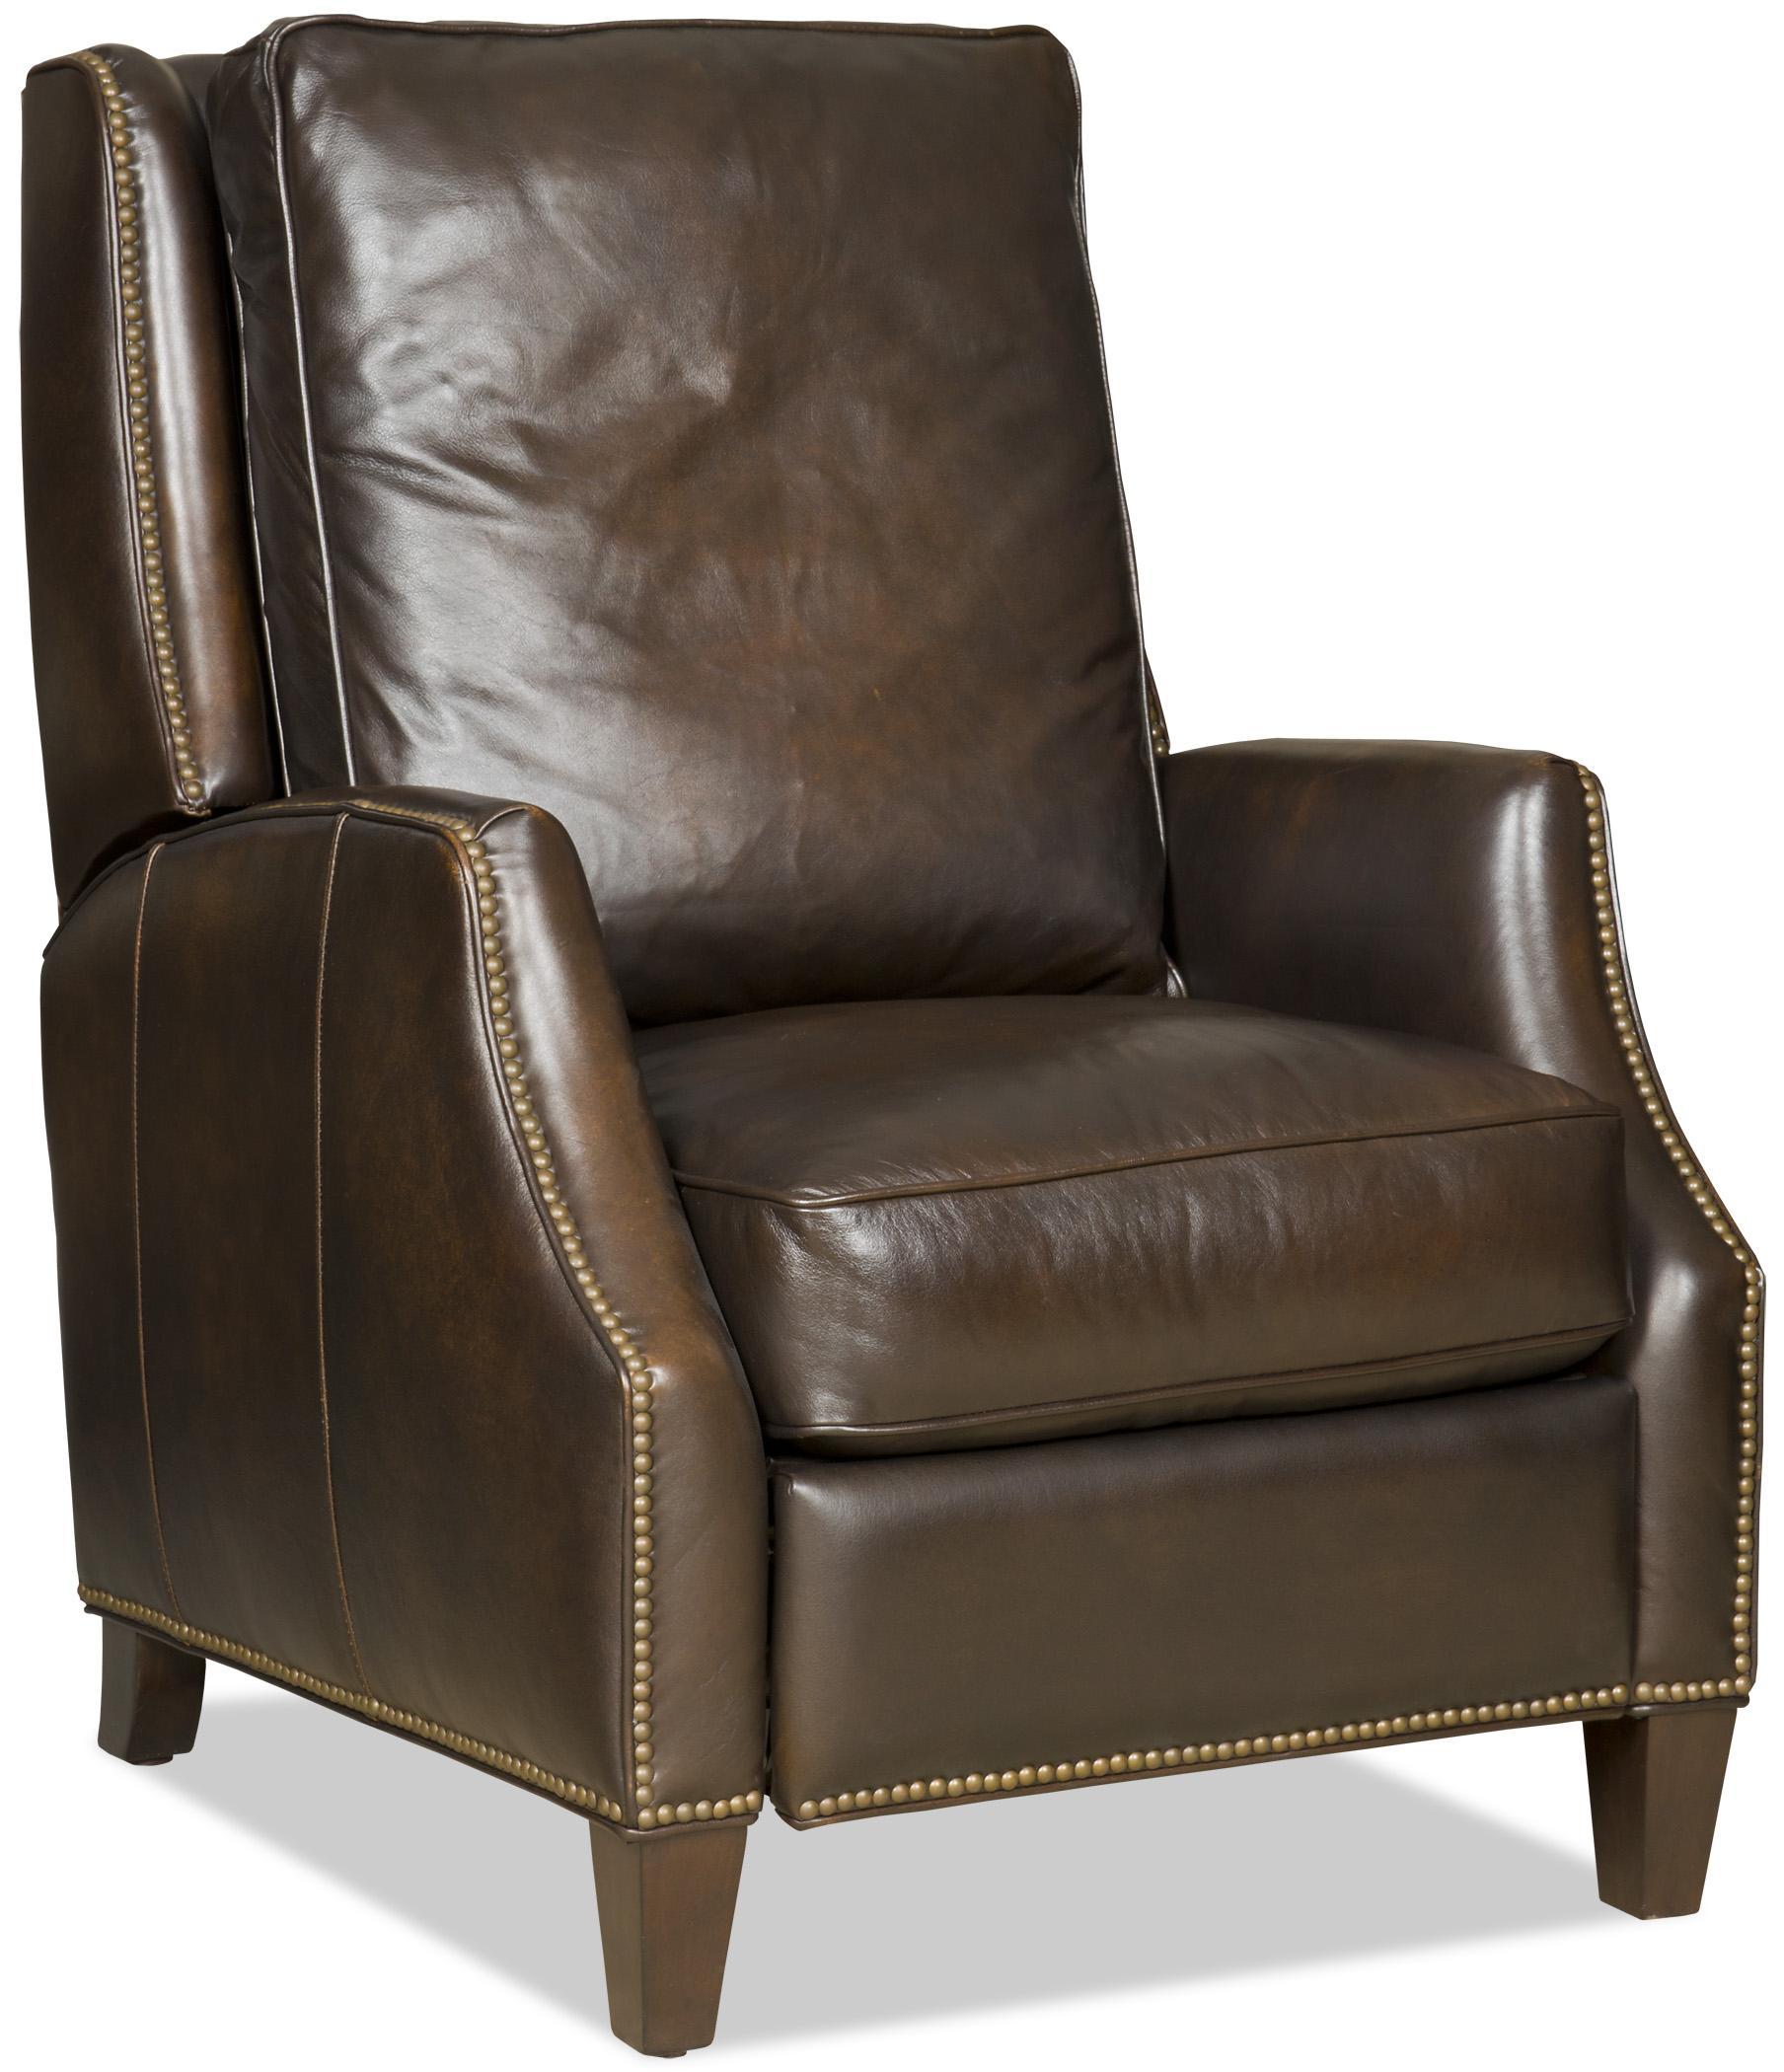 Hooker Furniture Reclining Chairs High Leg Recliner Chair